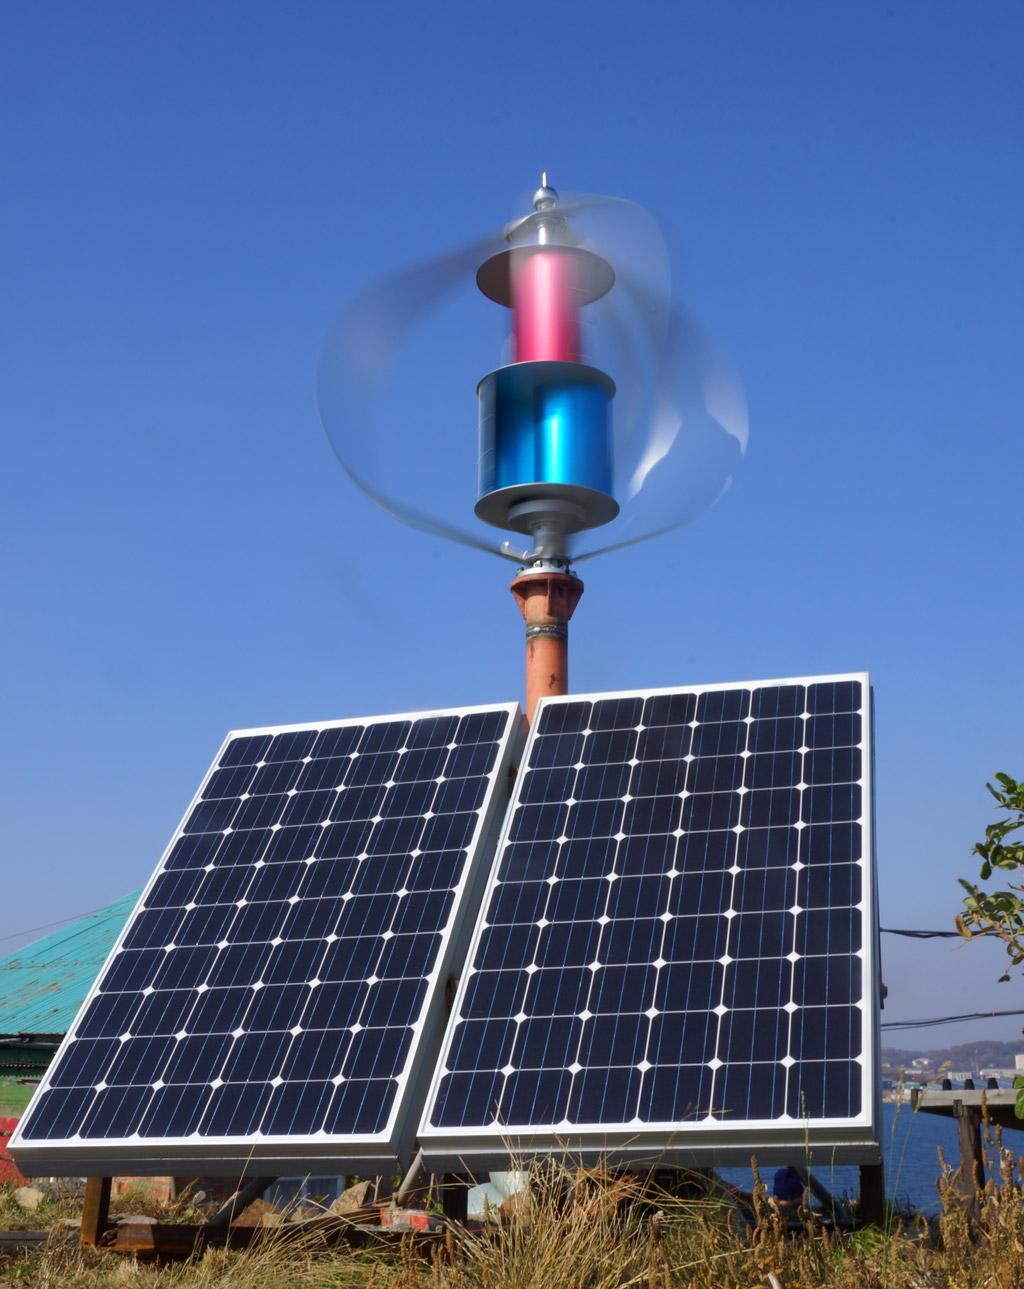 Як узаконити установку вітряків і сонячних установок в Україні?